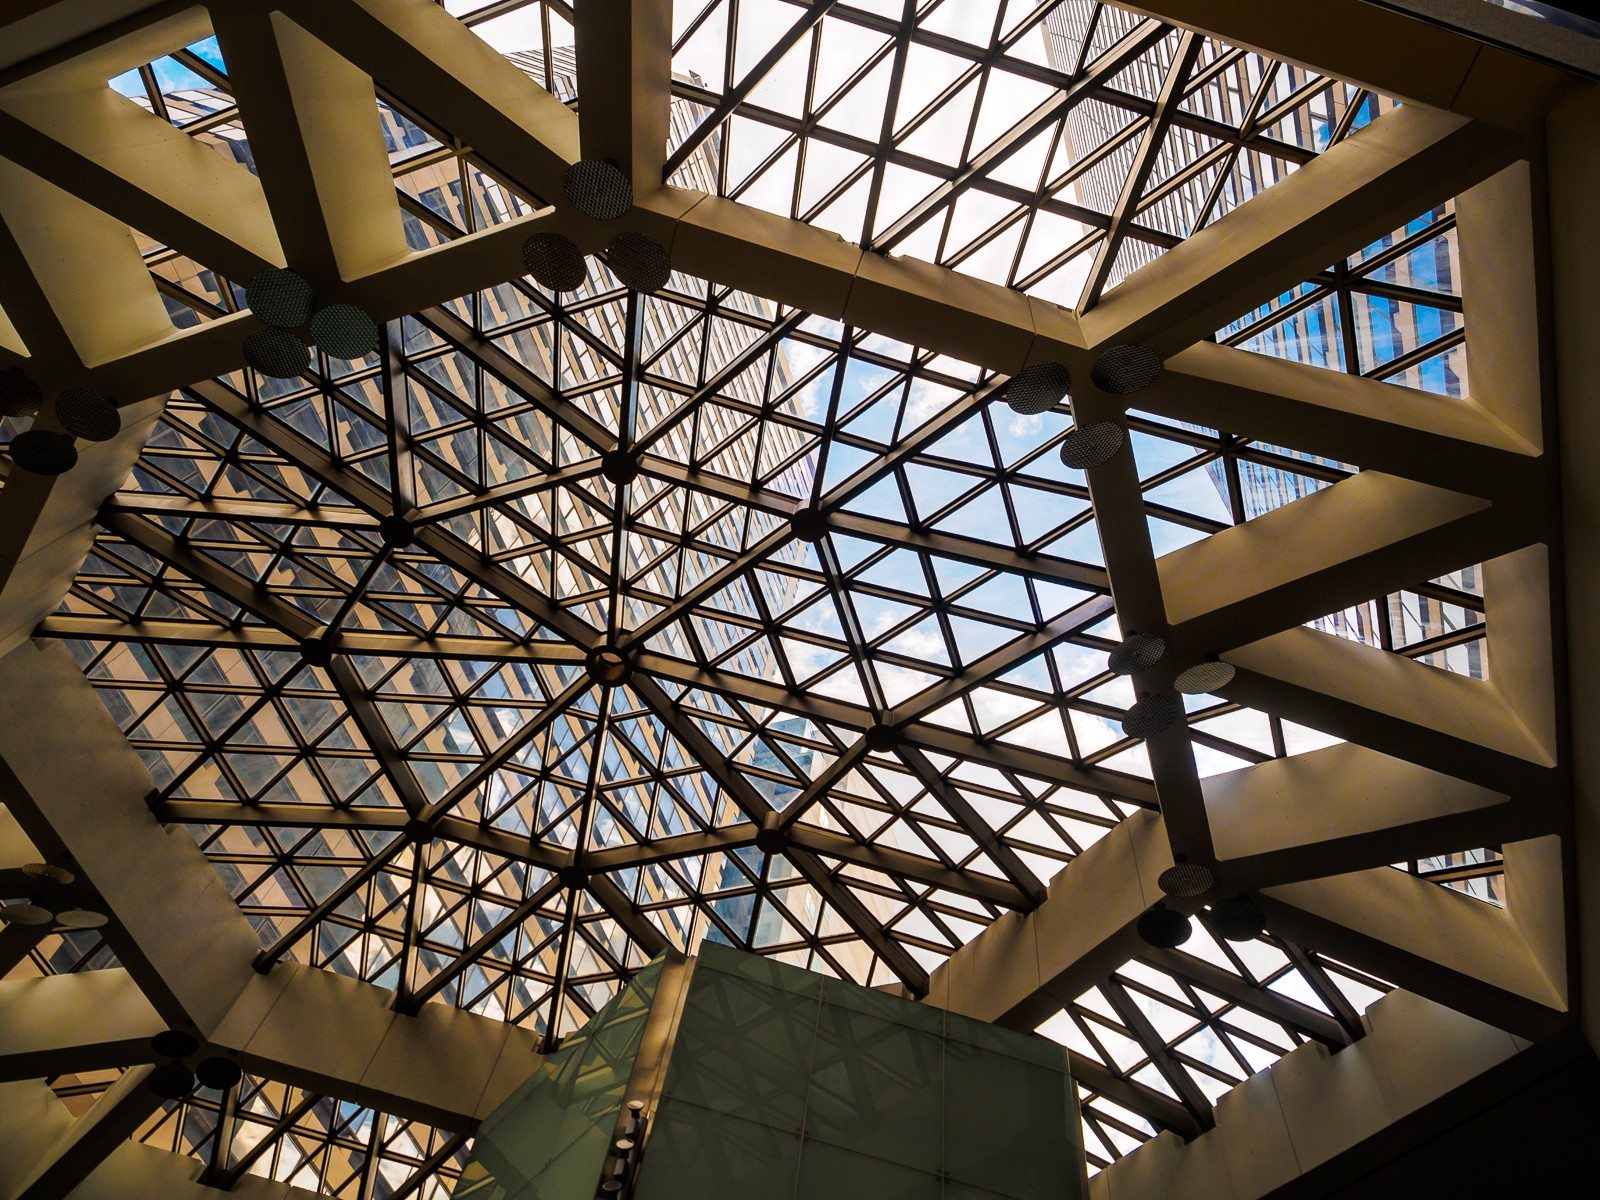 phila-architectural-5391